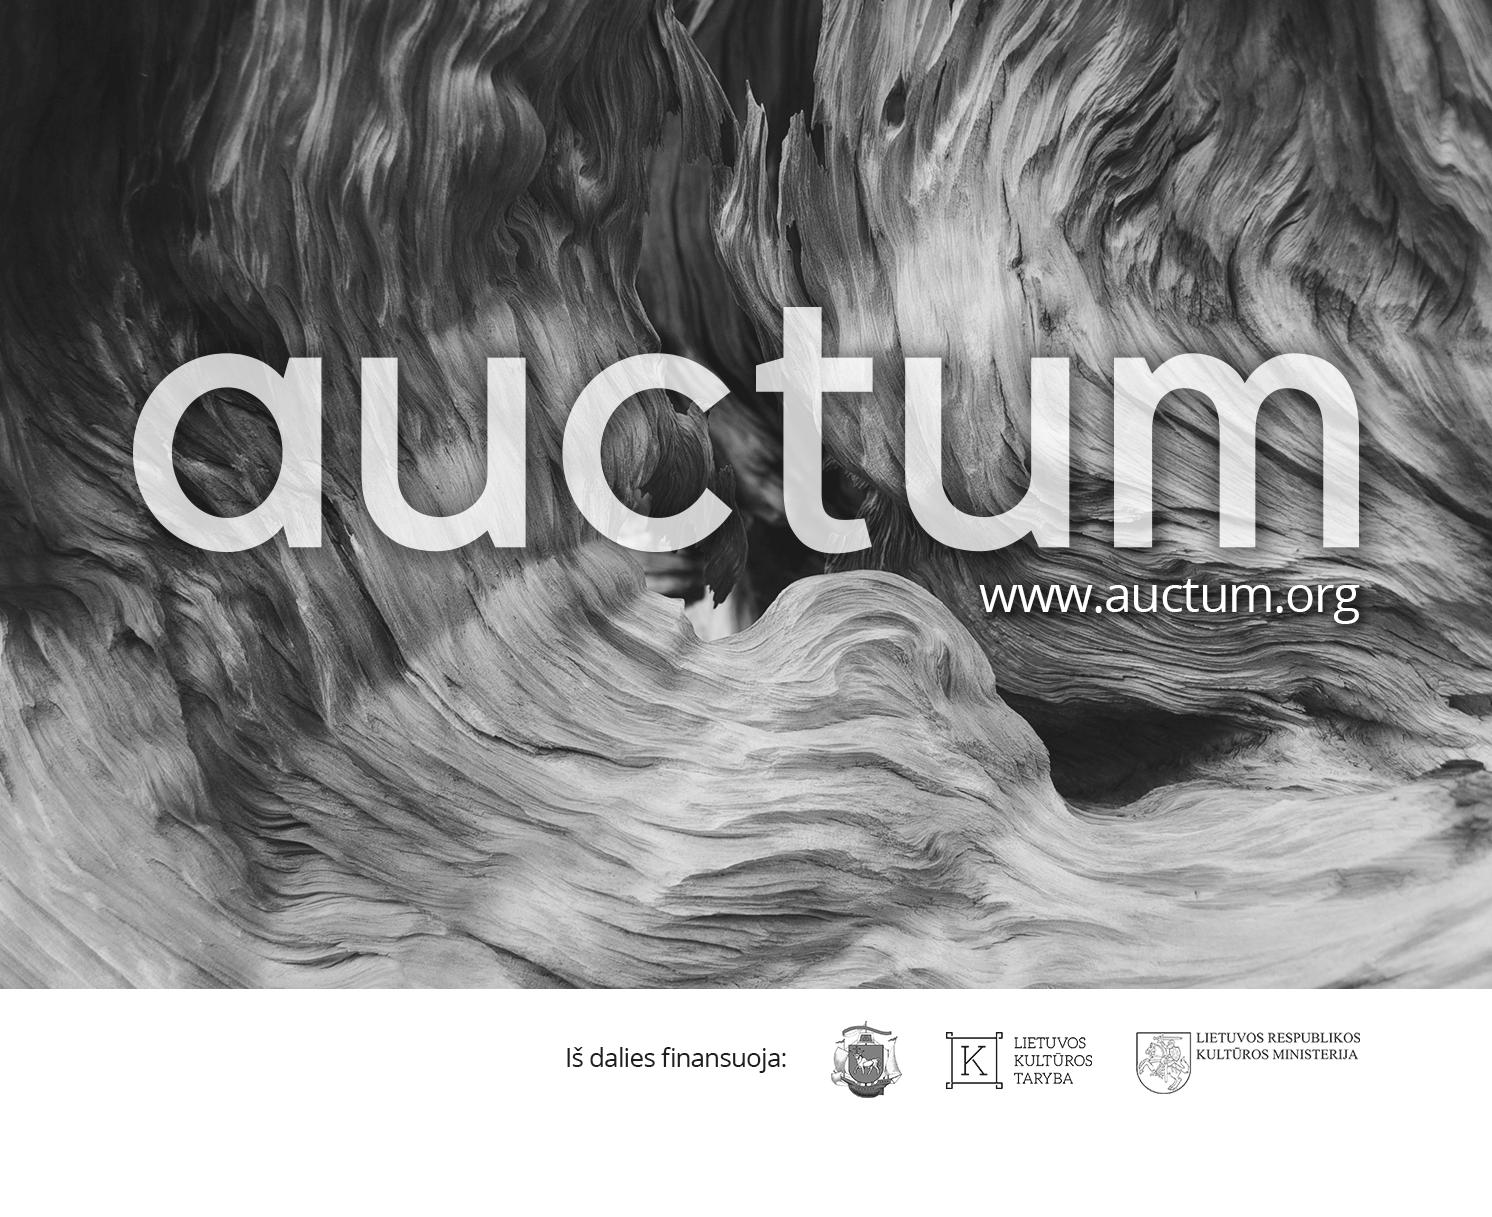 naujiena-auctum.org-2017-07-17